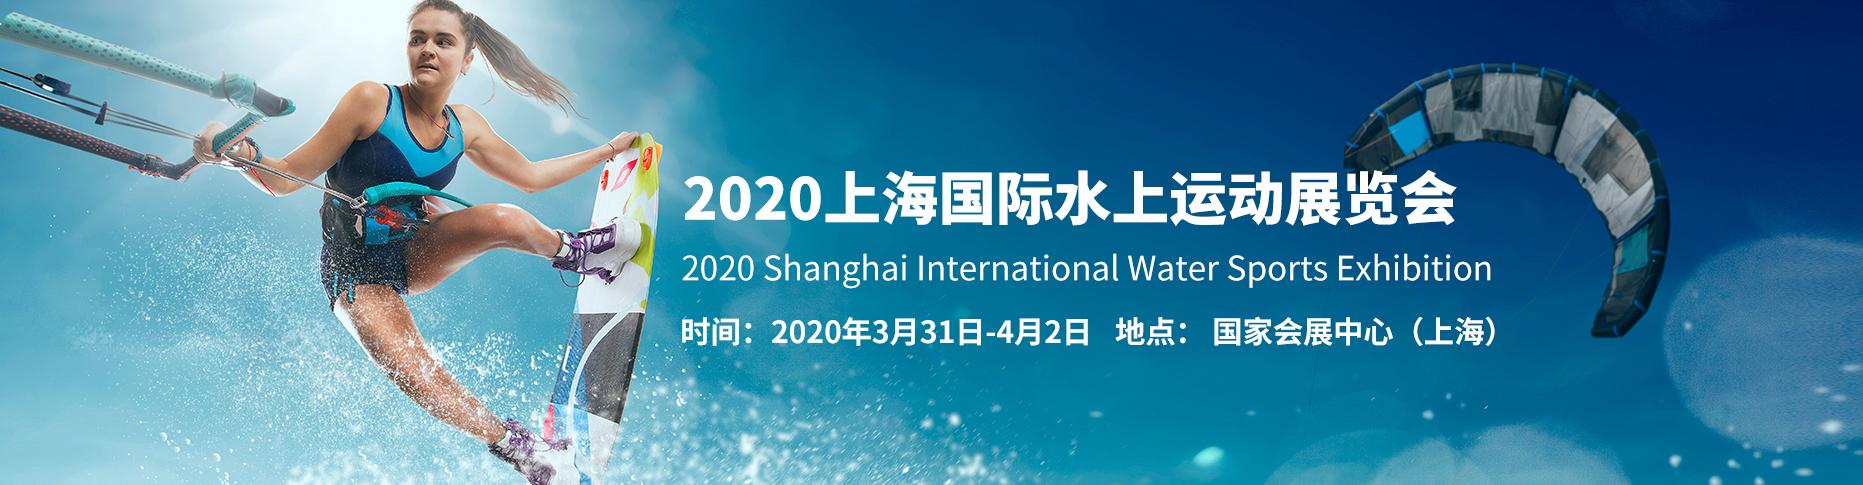 2020年上海國際水上運動展覽會